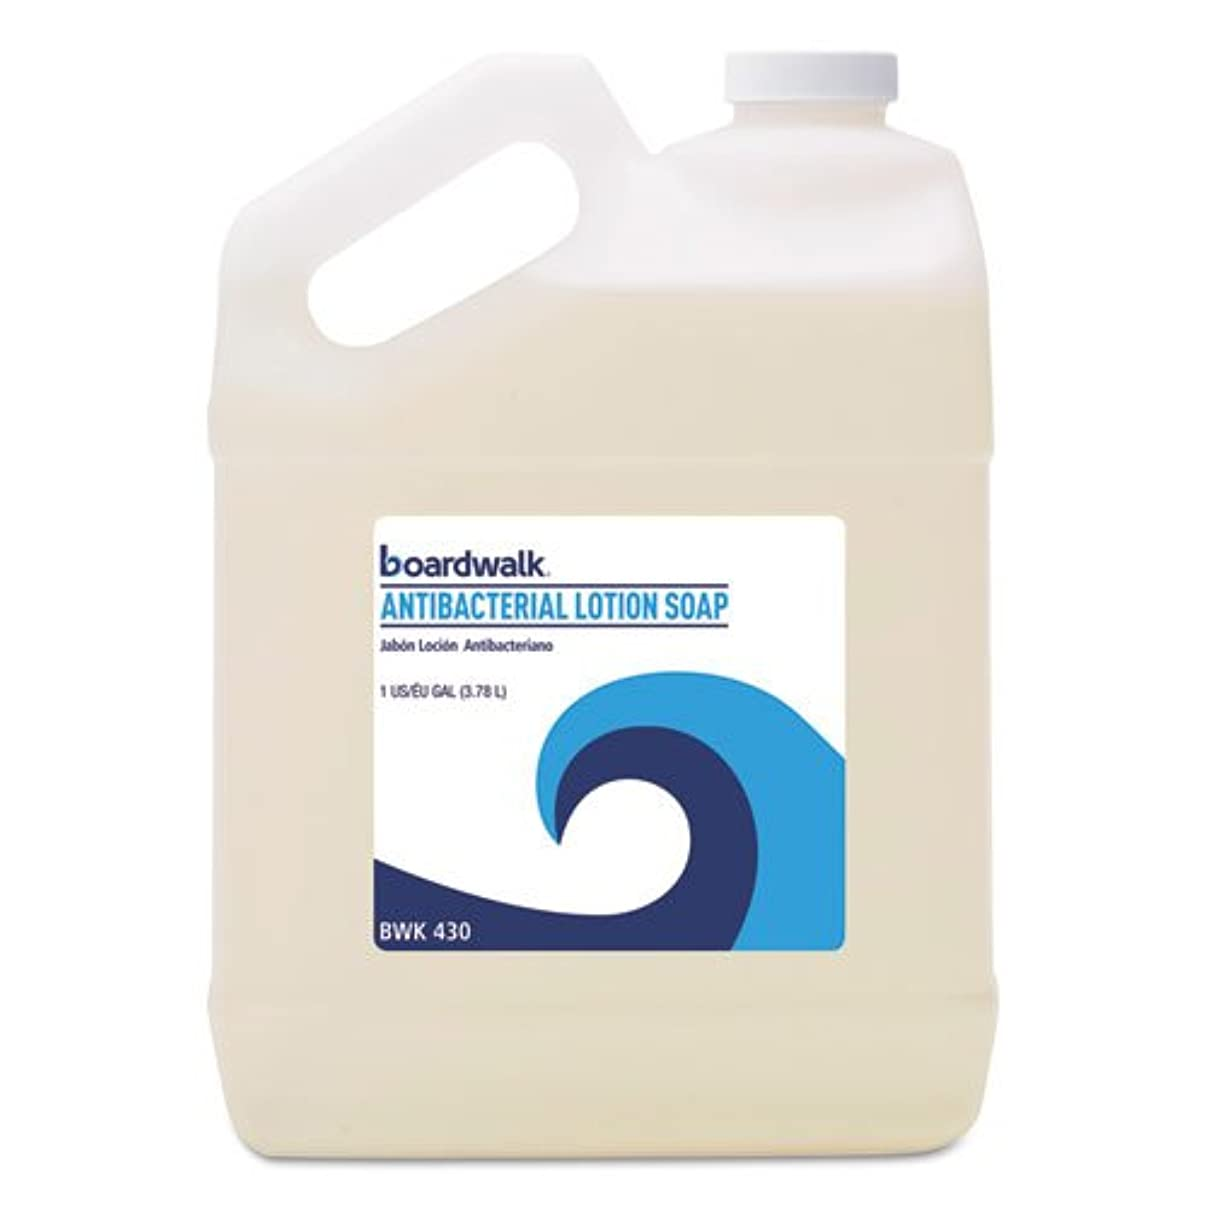 ブラウス販売員列車Boardwalk 抗菌液体石鹸 フローラルバルサム 1ガロンボトル